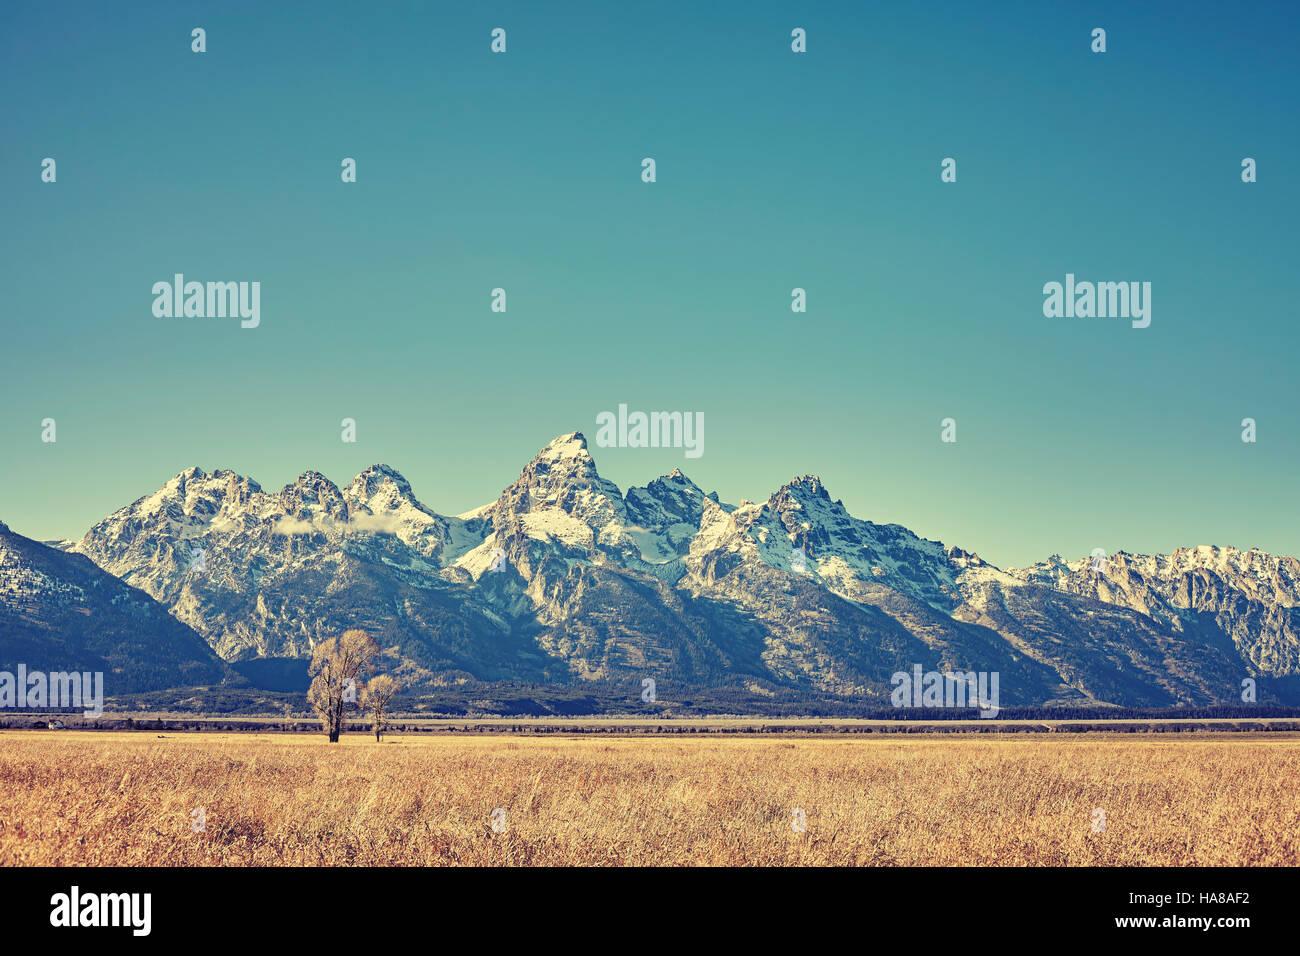 Tons rétro voir des montagnes du Grand Teton, Wyoming, États-Unis. Photo Stock